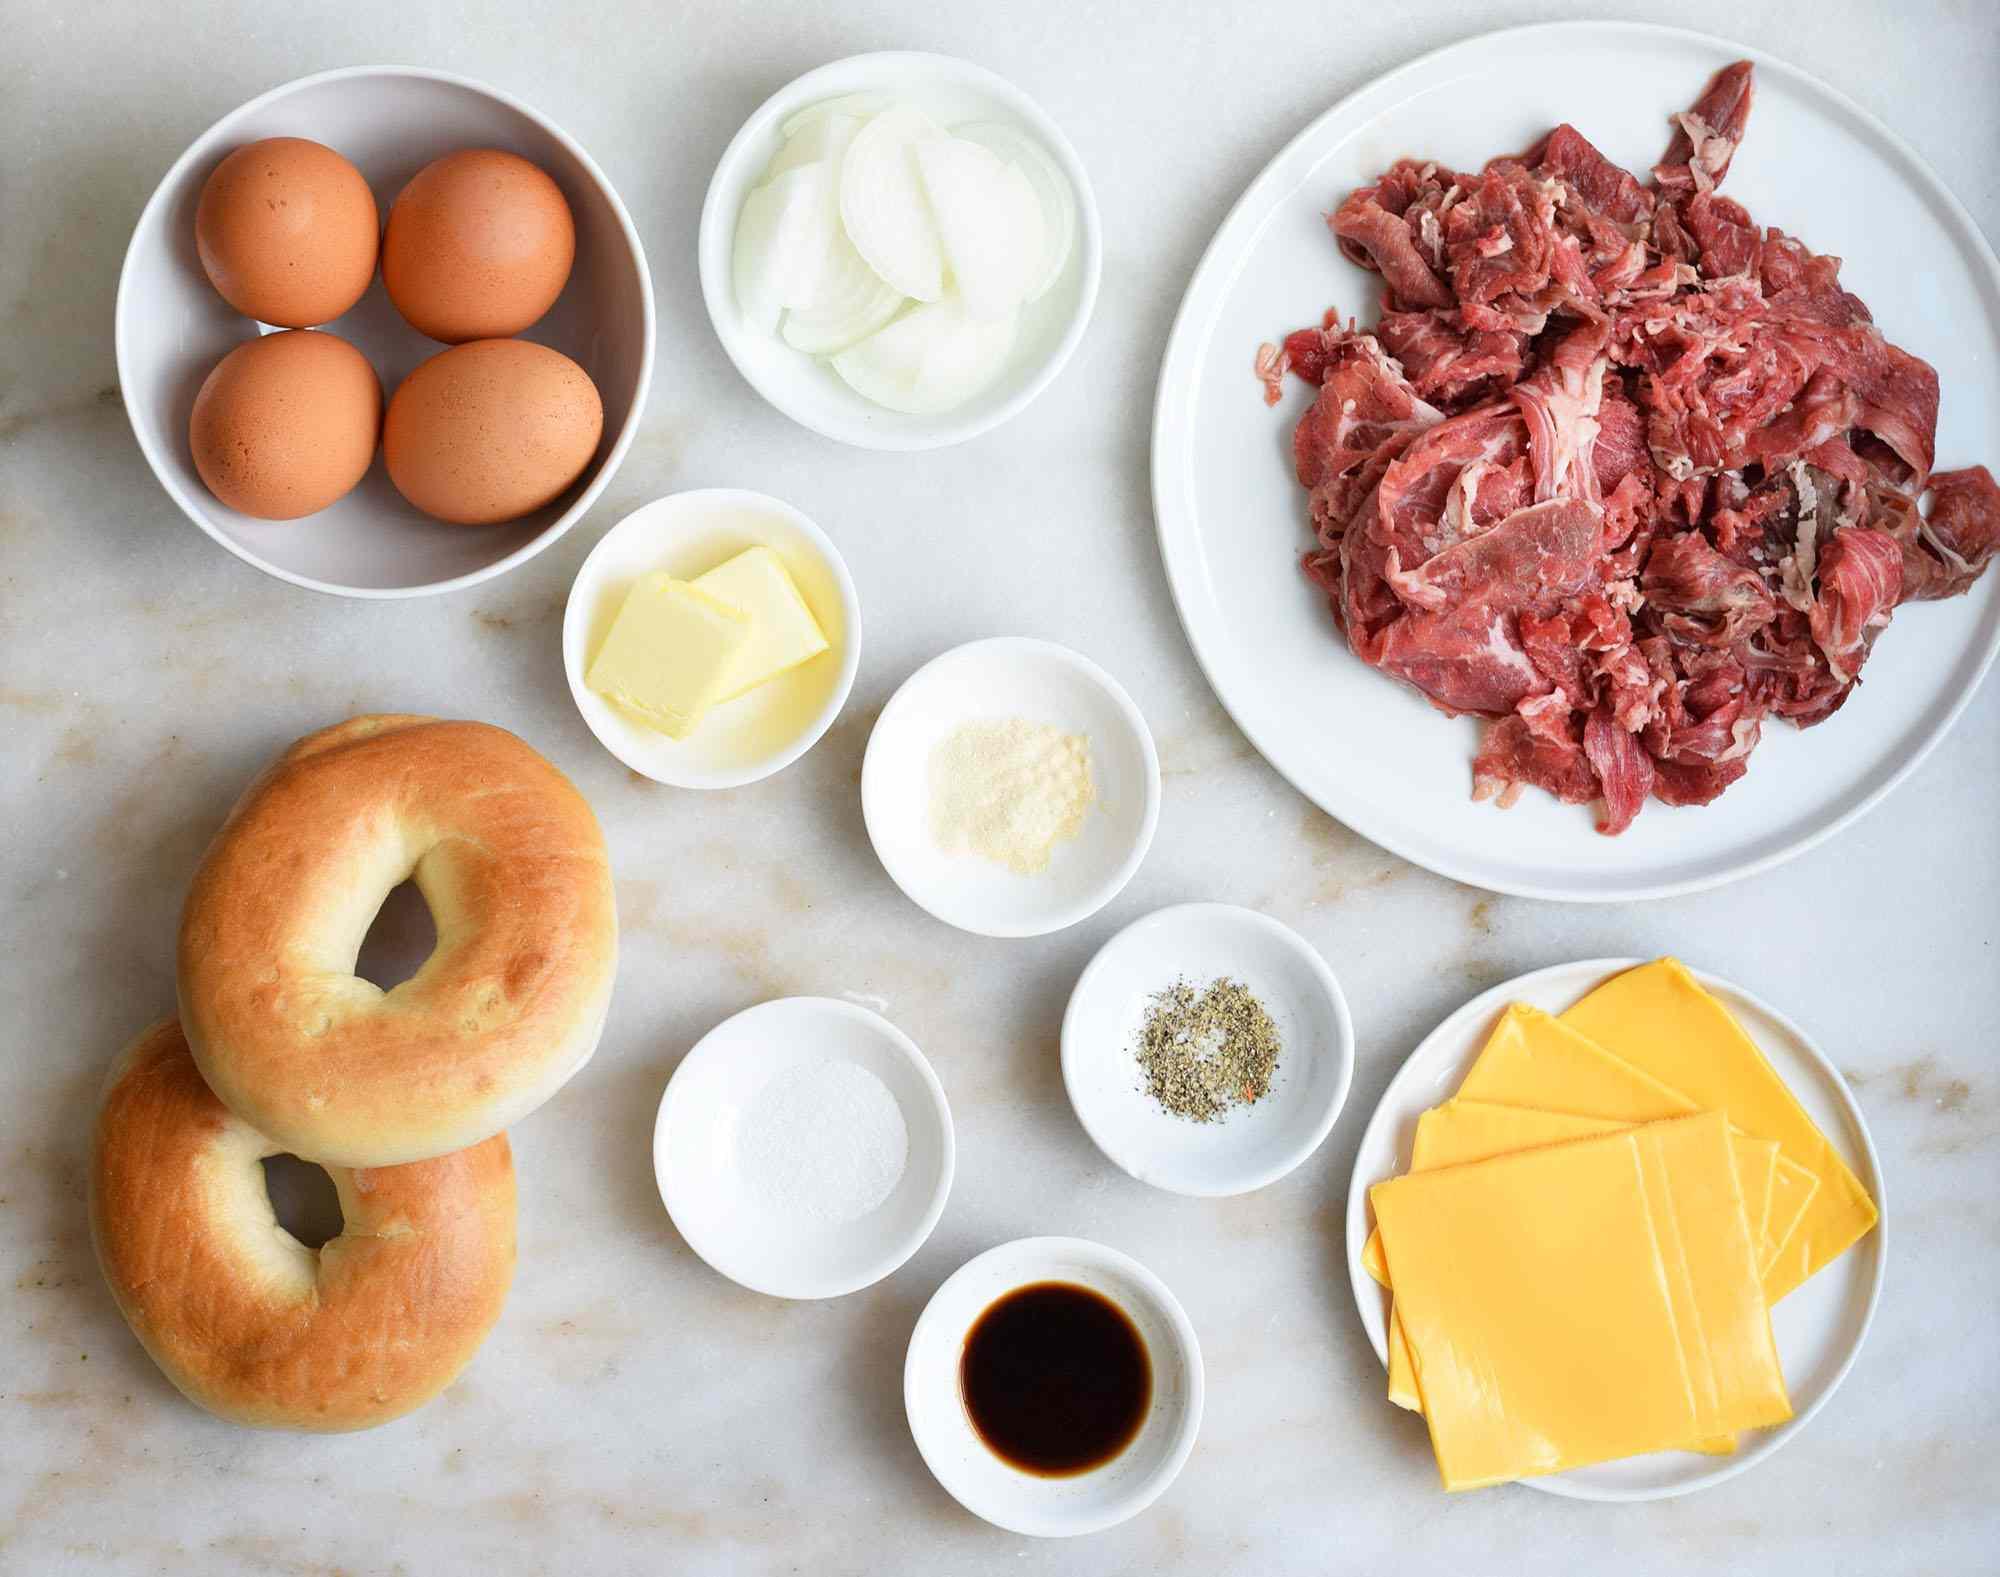 Steak, egg, and cheese bagel ingredients